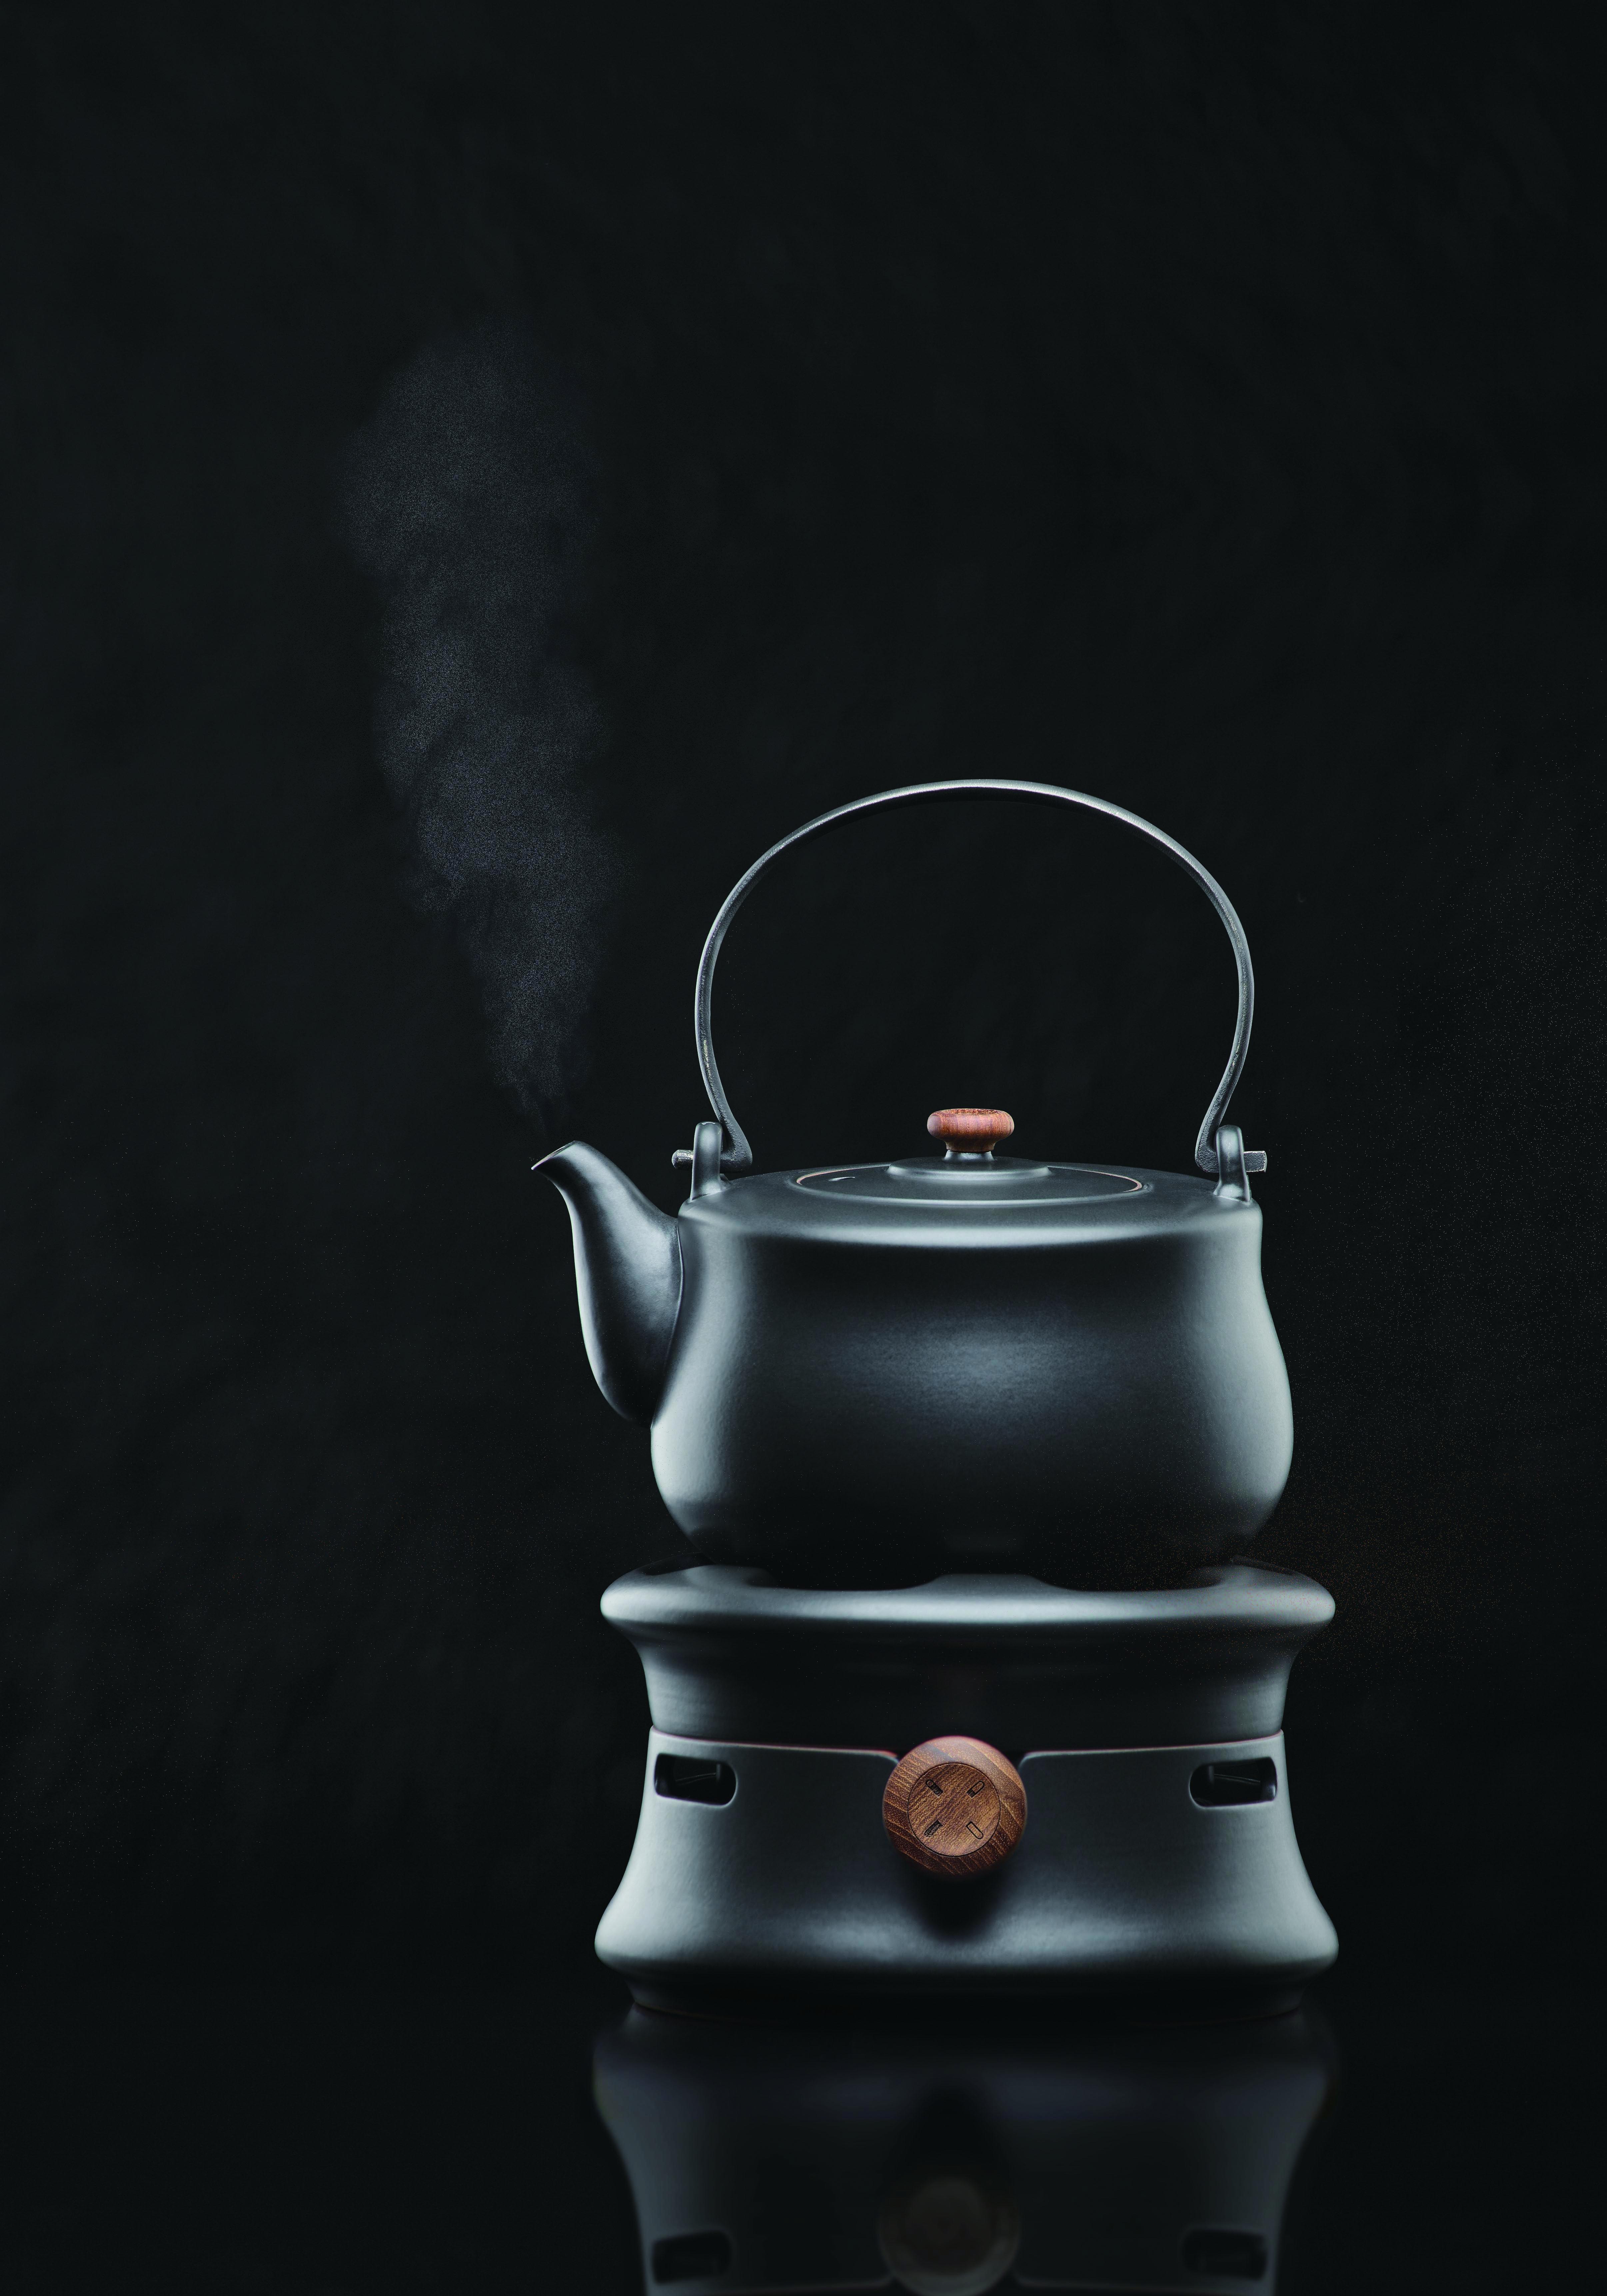 八式燒水壺_黑背景